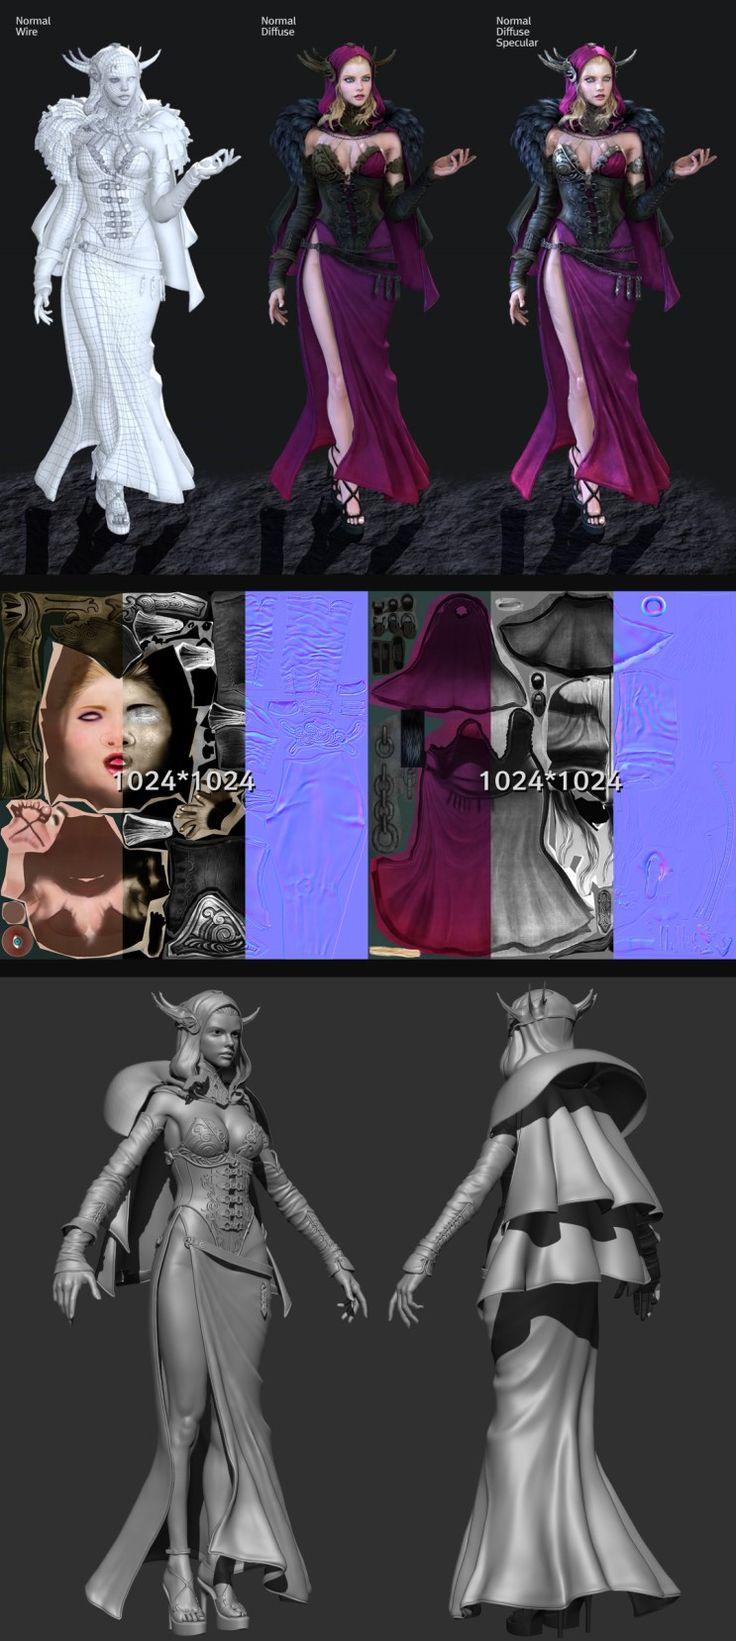 [본문스크랩] 여자 마법사 입니다~ : 네이버 블로그